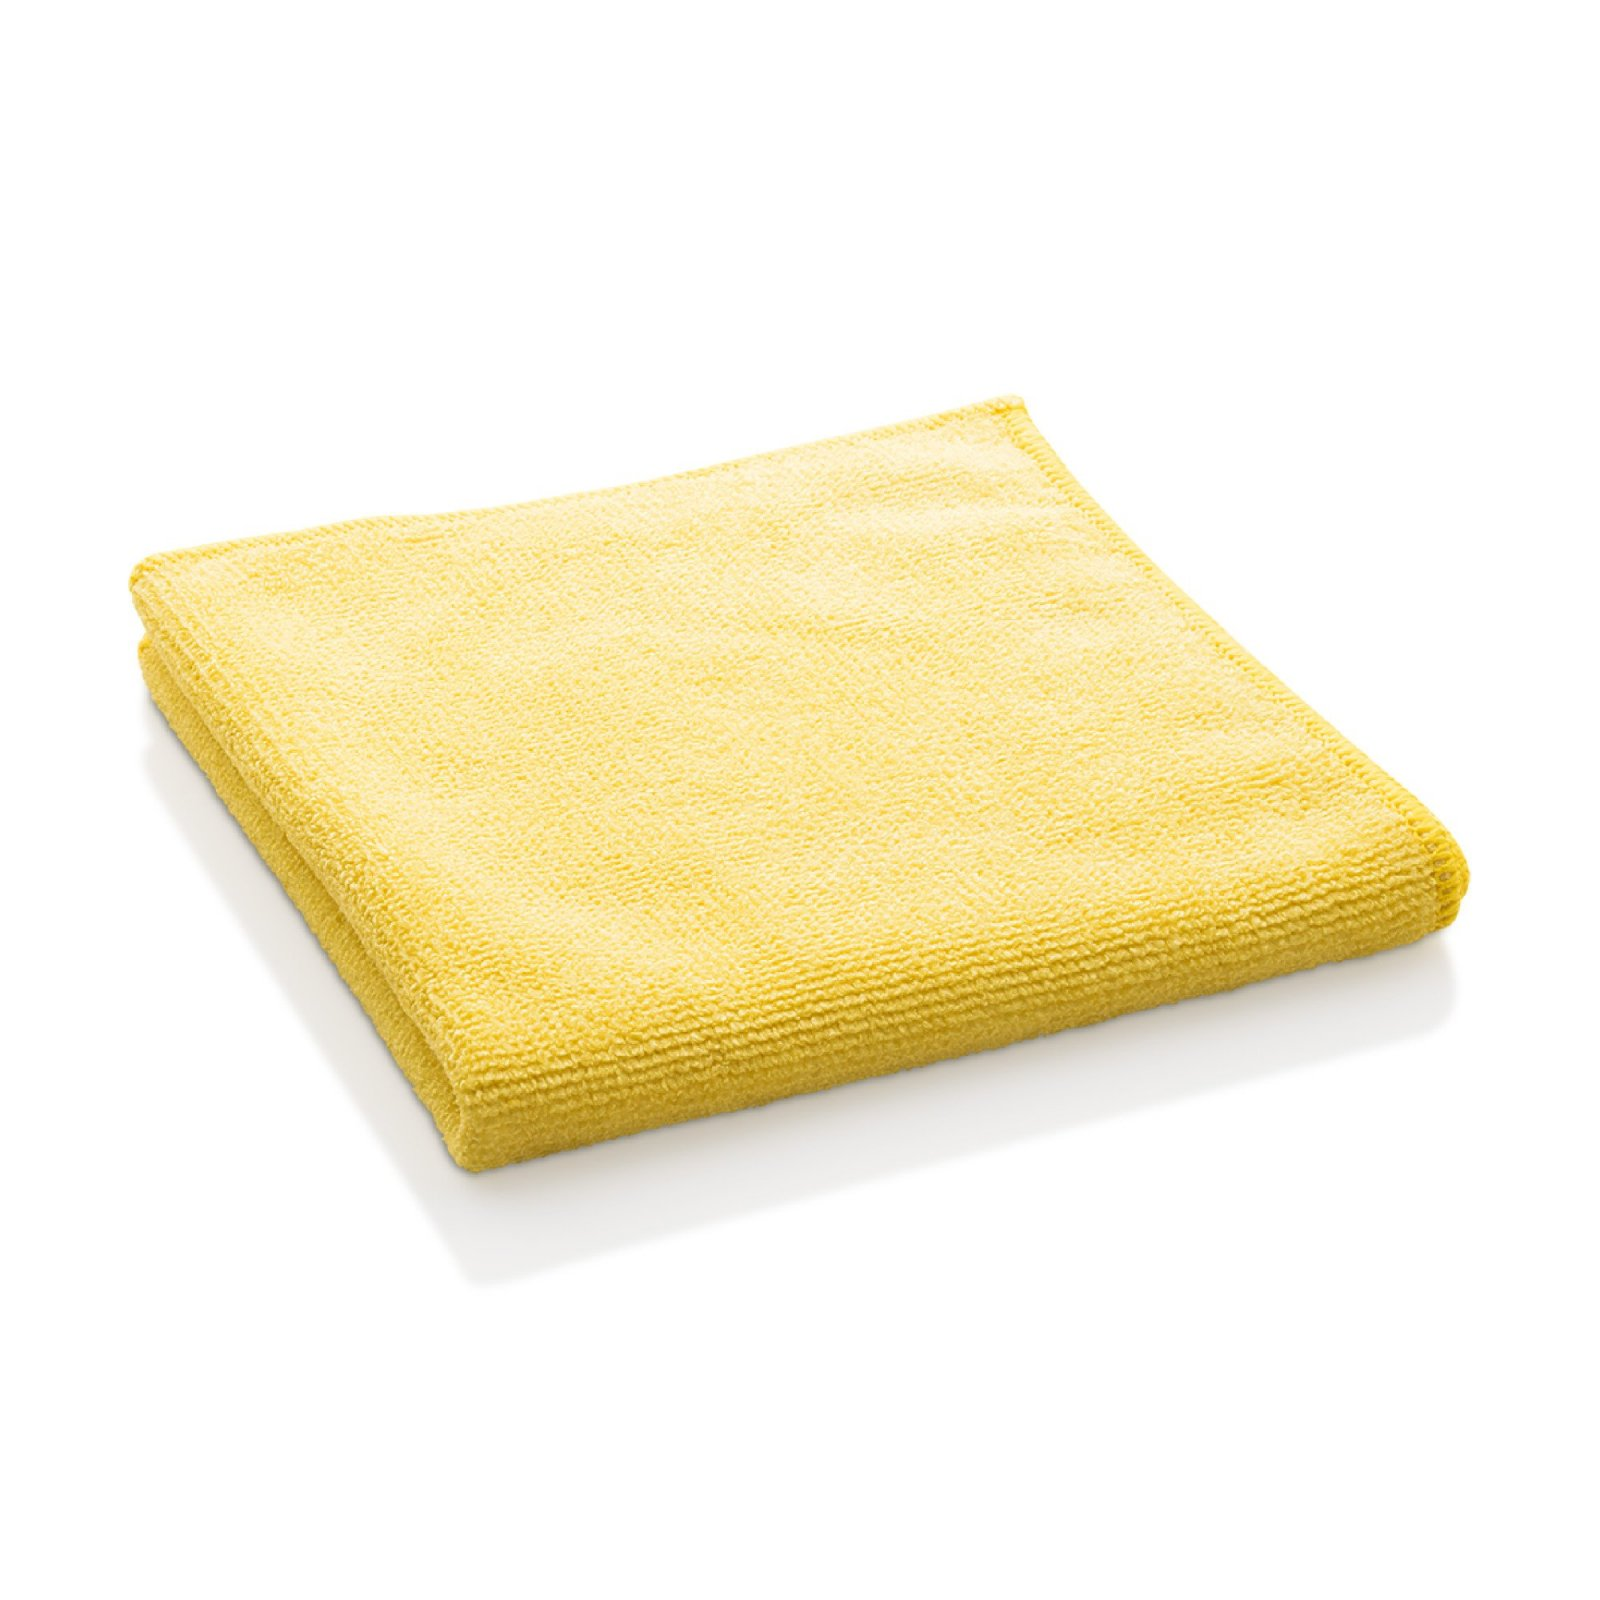 Bathroom Cleaning Cloth